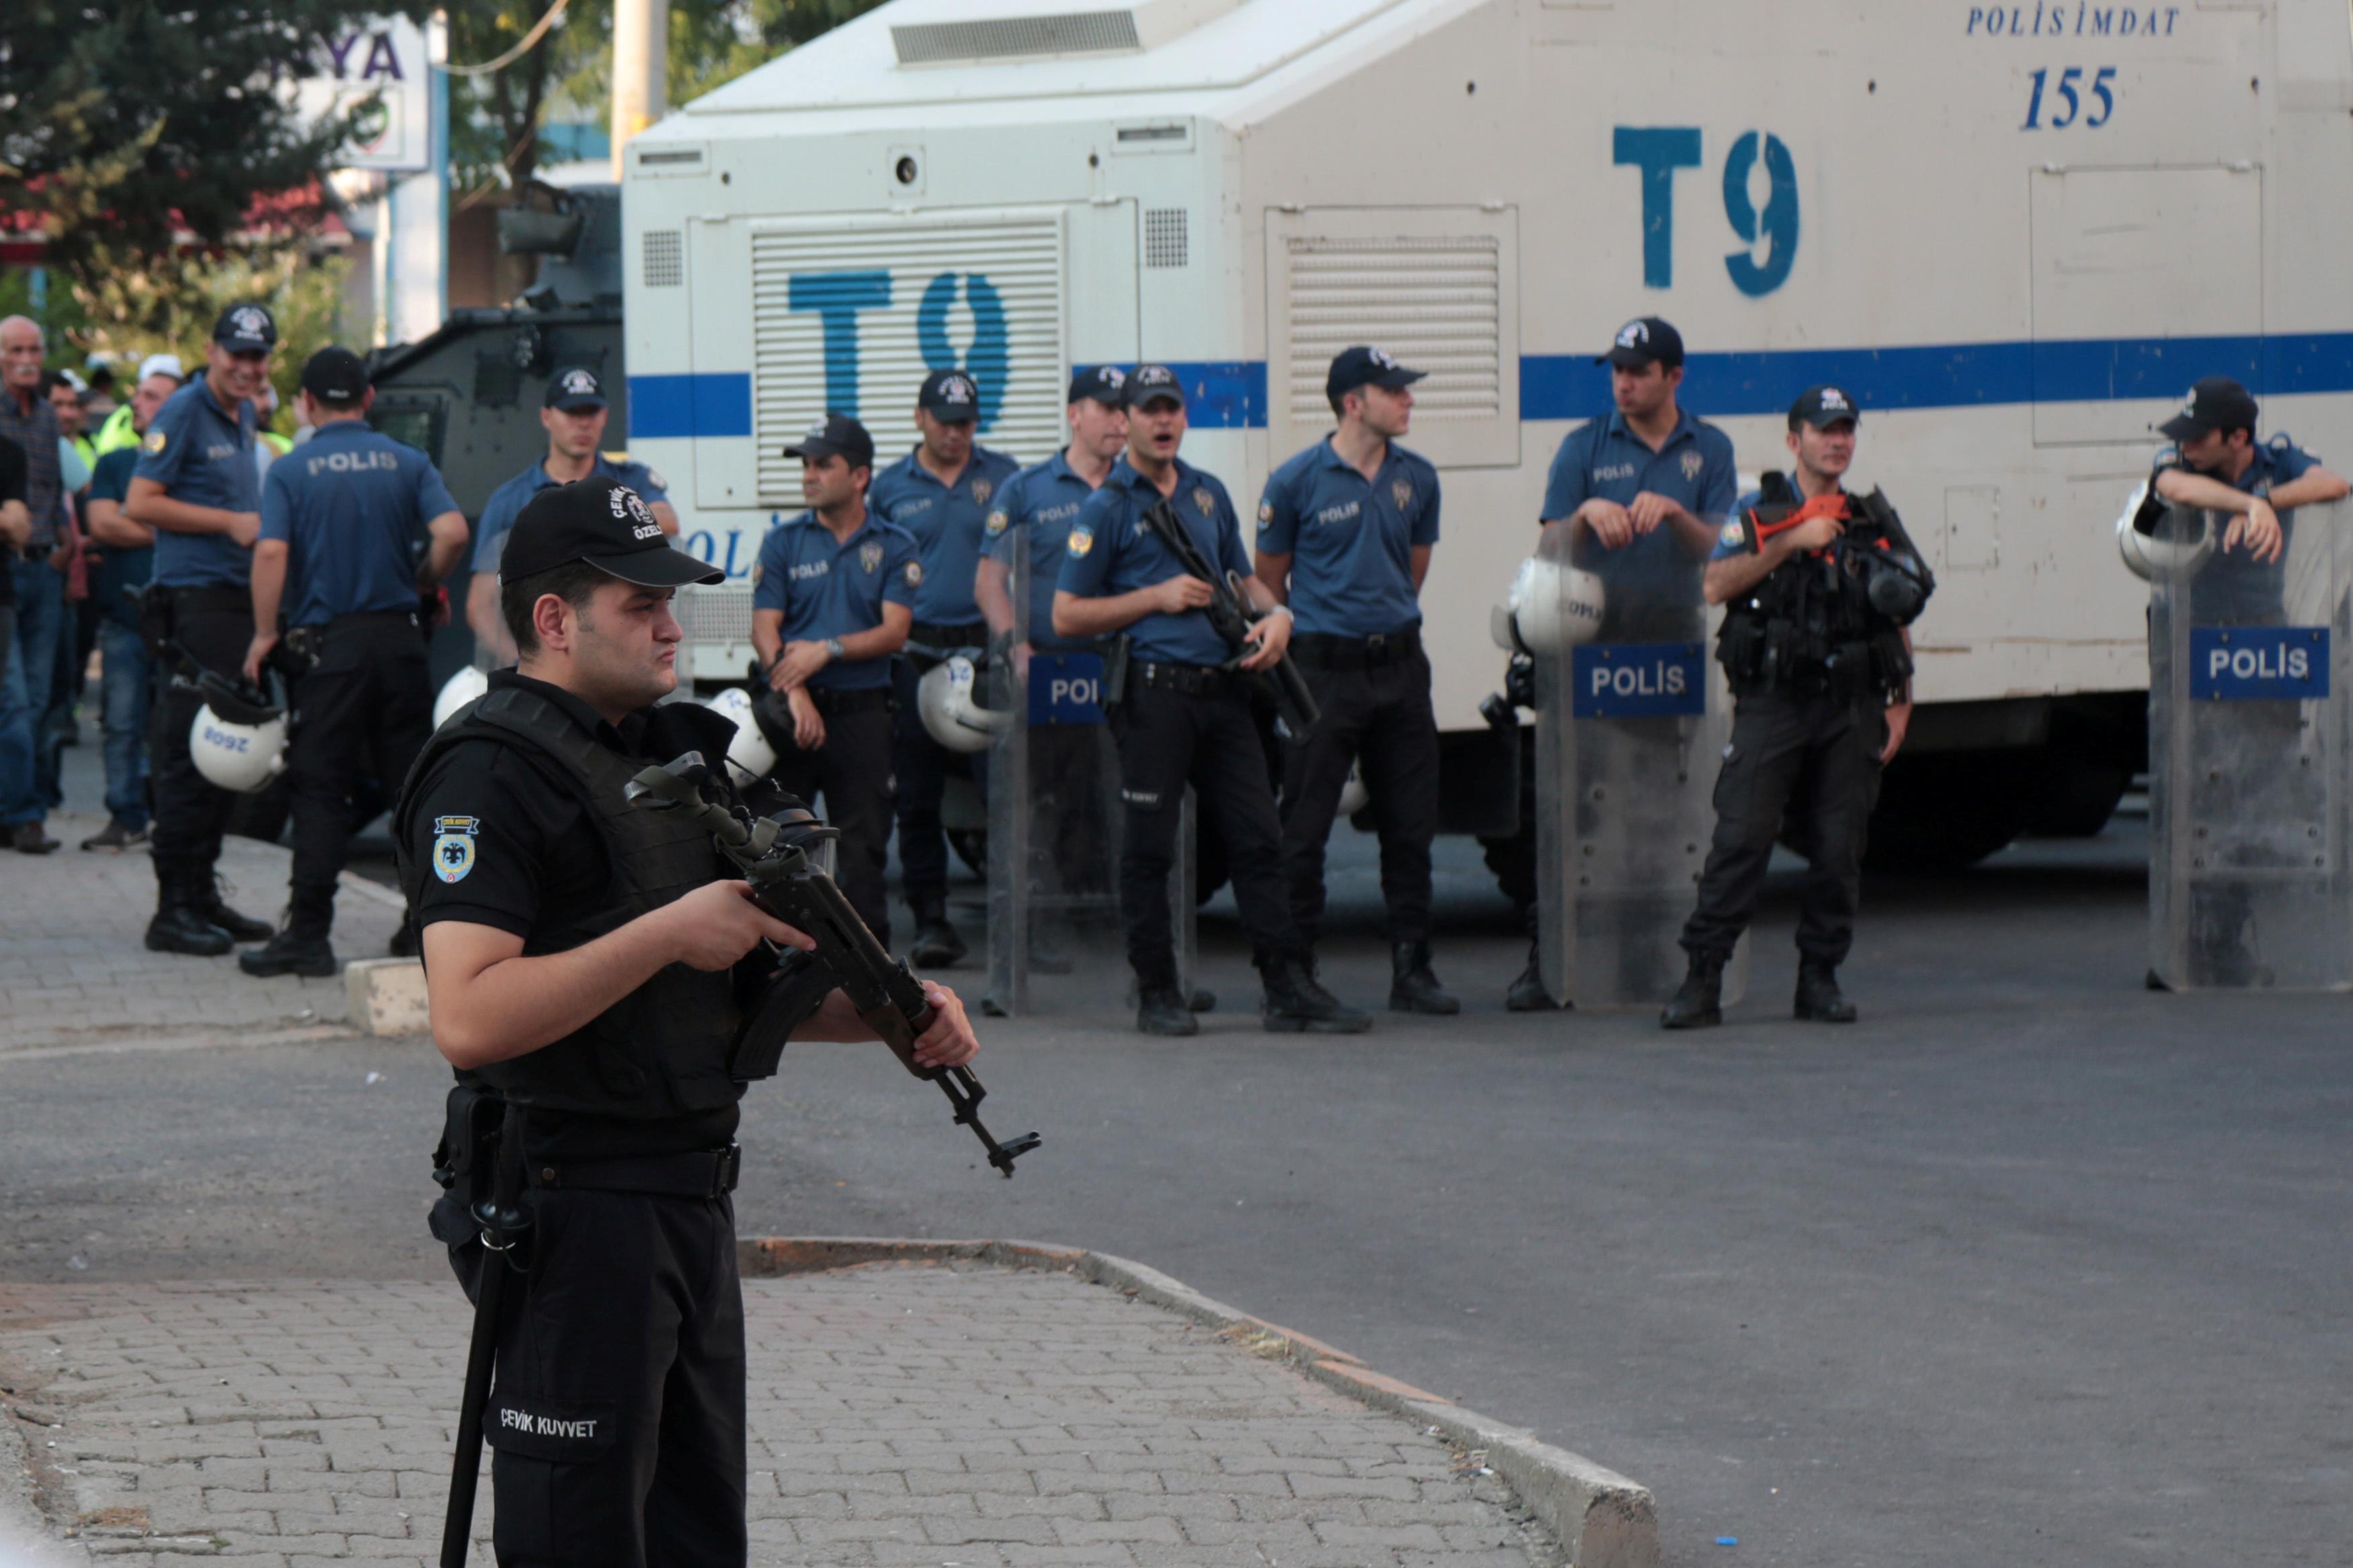 Ασταμάτητος ο Ερντογάν! Συνέλαβε άλλους 176 στρατιωτικούς για διασυνδέσεις με το δίκτυο Γκιουλέν